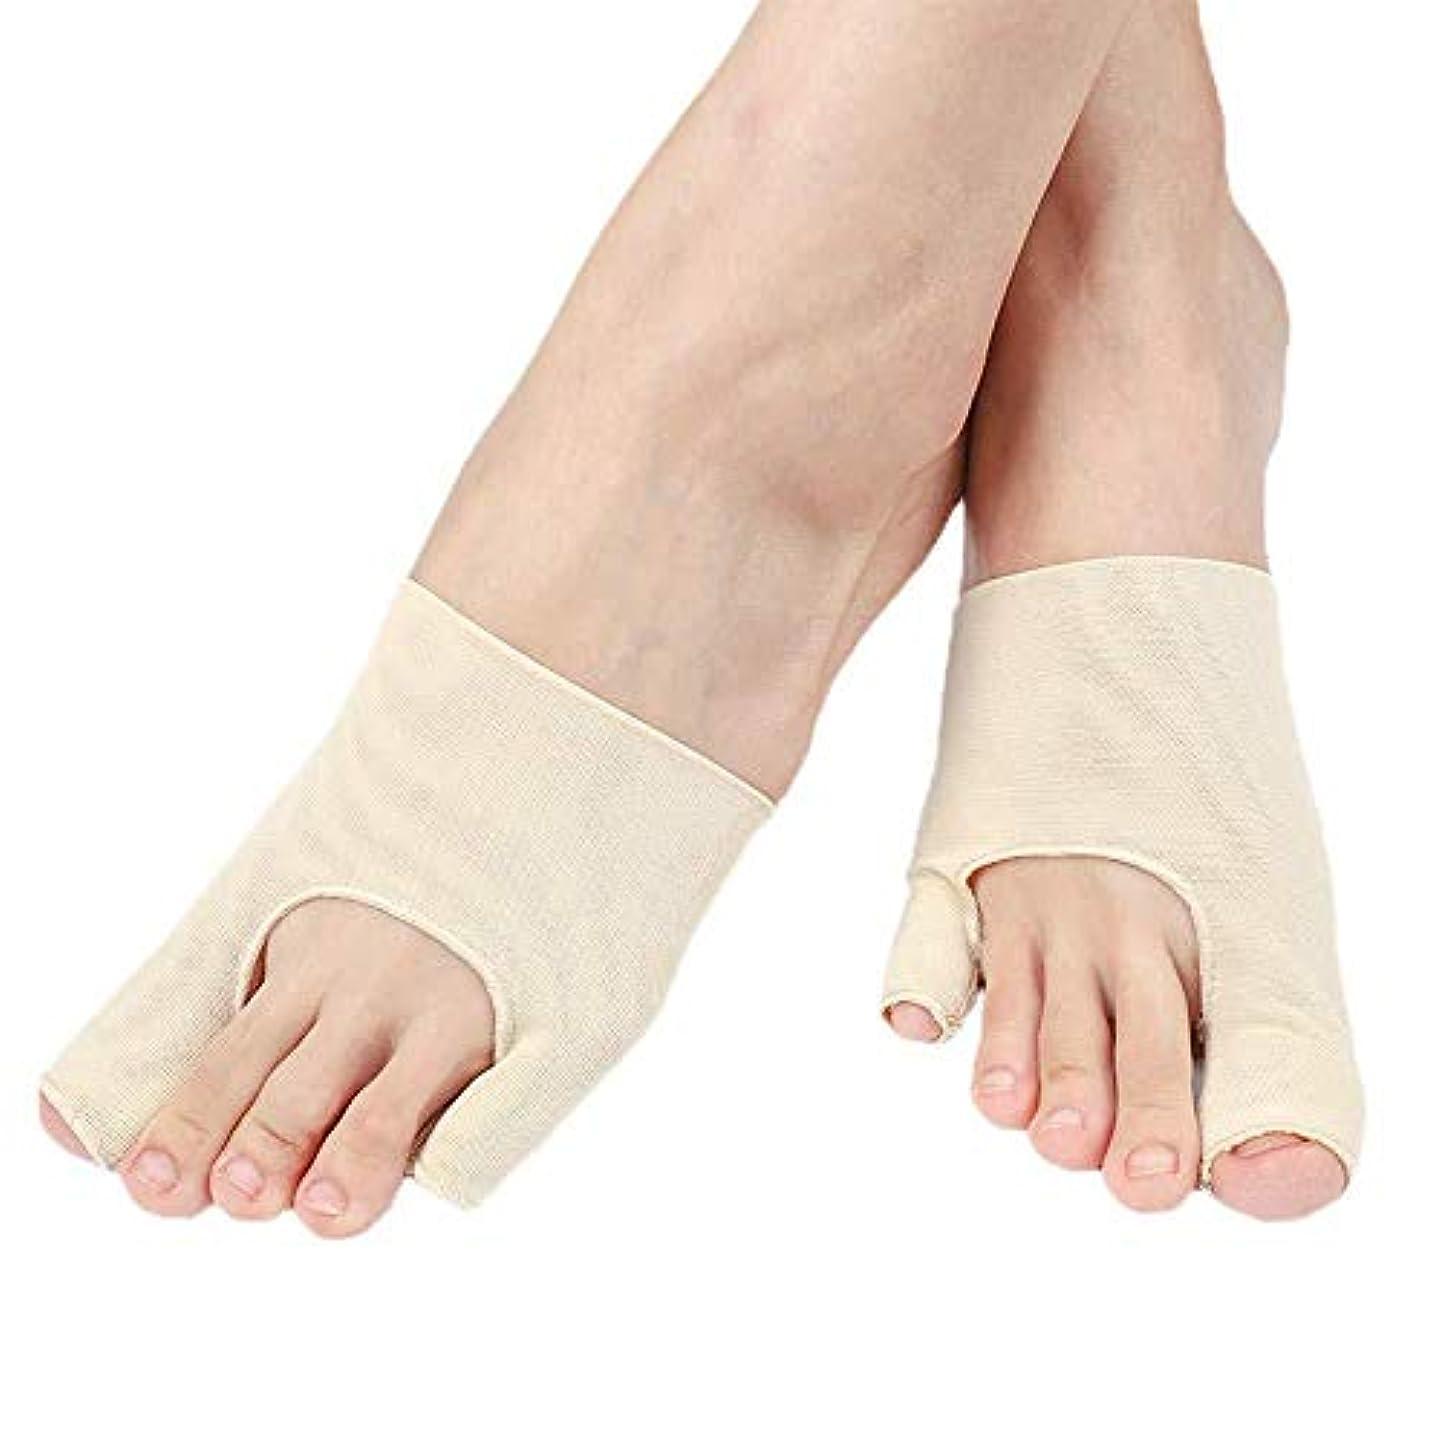 砦テスピアン彼女はつま先セパレーター、Orthoticsの足の親指の矯正、つま先の痛み緩和スリーブ、外反母painの痛みを緩和するための組み込みシリコンゲルパッド,L